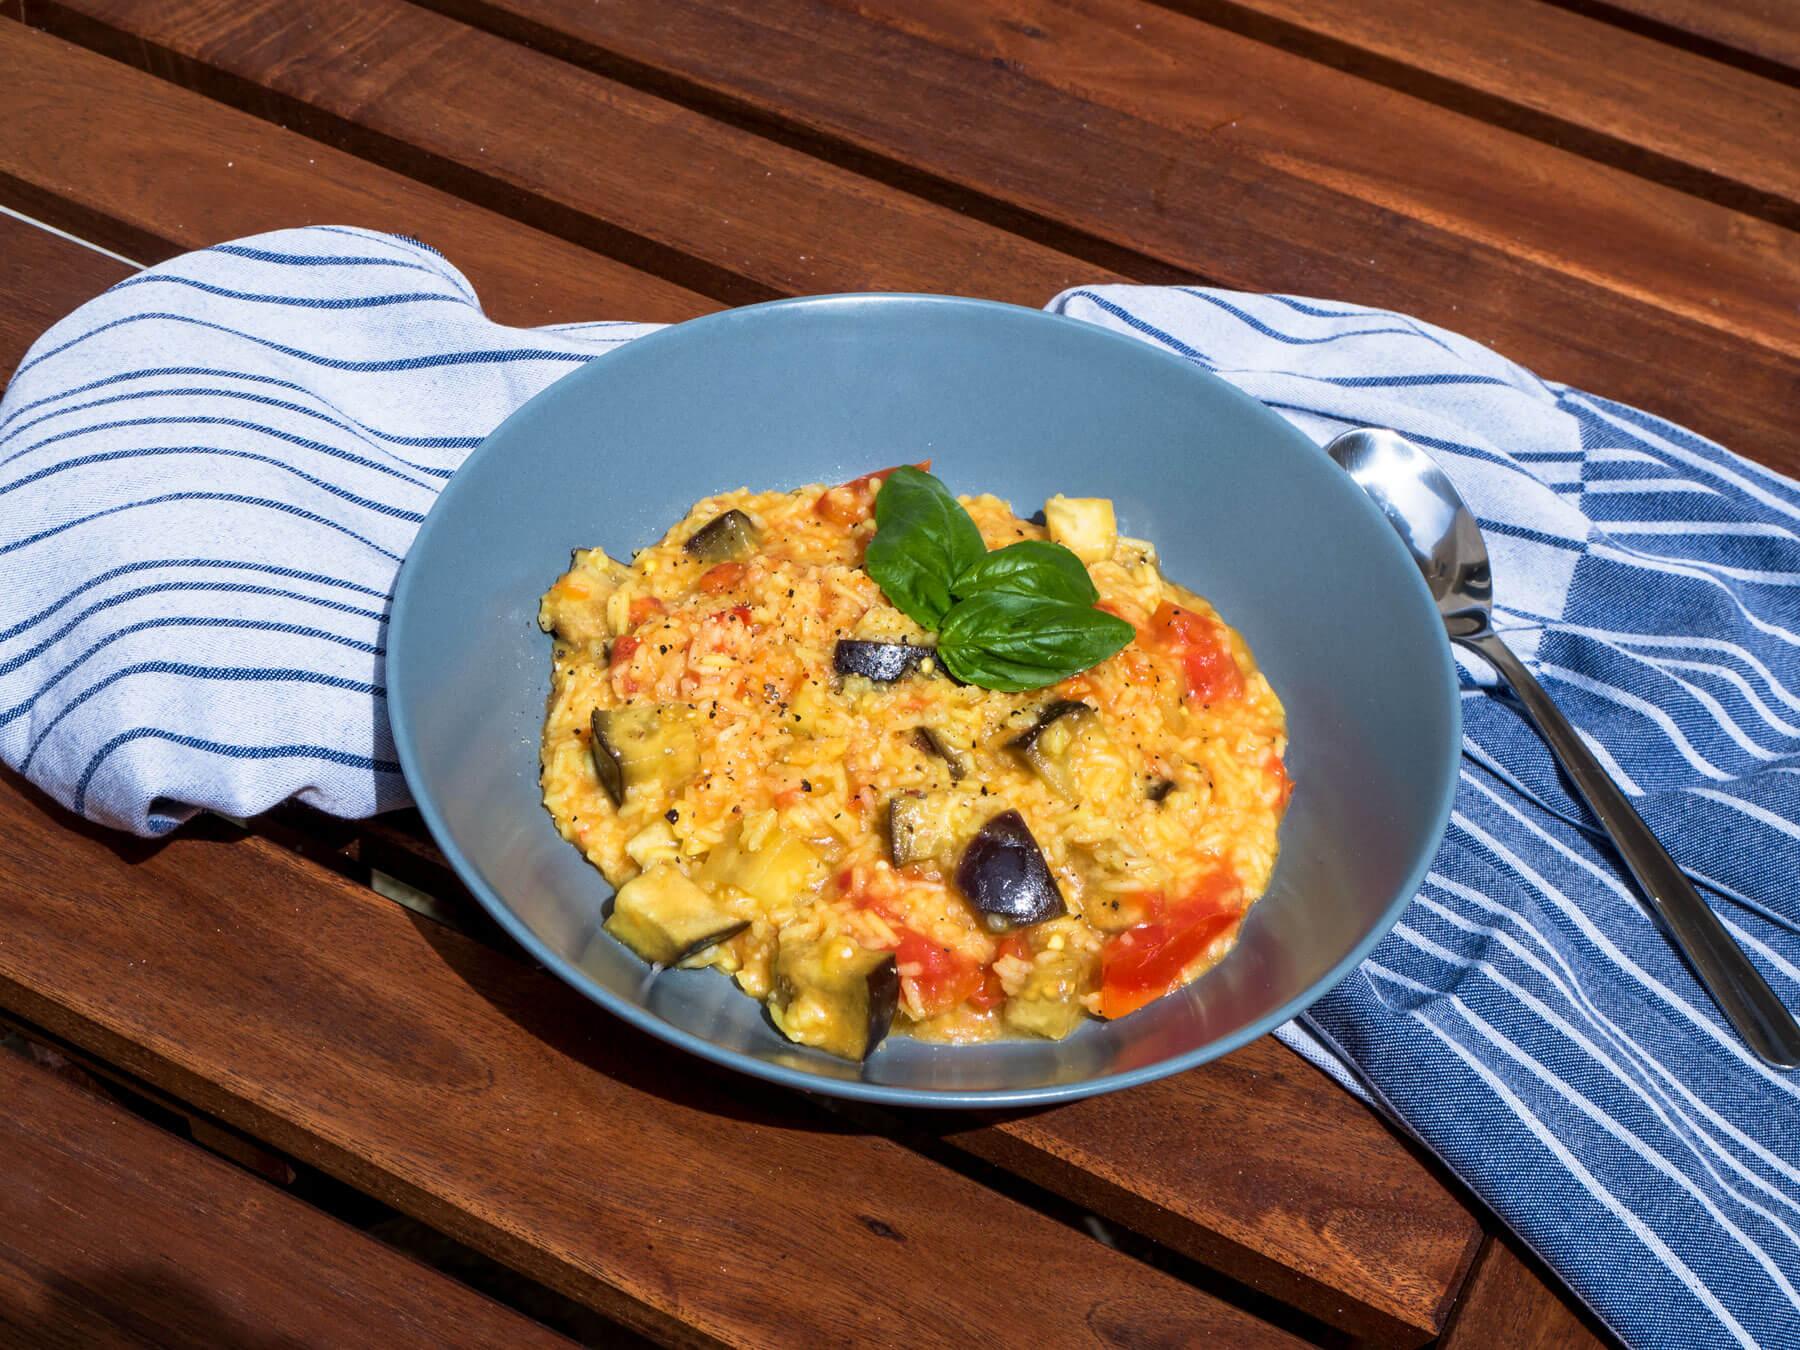 Auch im Sommer schmeckt ein Risotto vorzüglich. Finde das Rezept für ein sommerliches Tomaten-Auberginen-Risotto und ließ von meinem Zero Waste-Versuch!